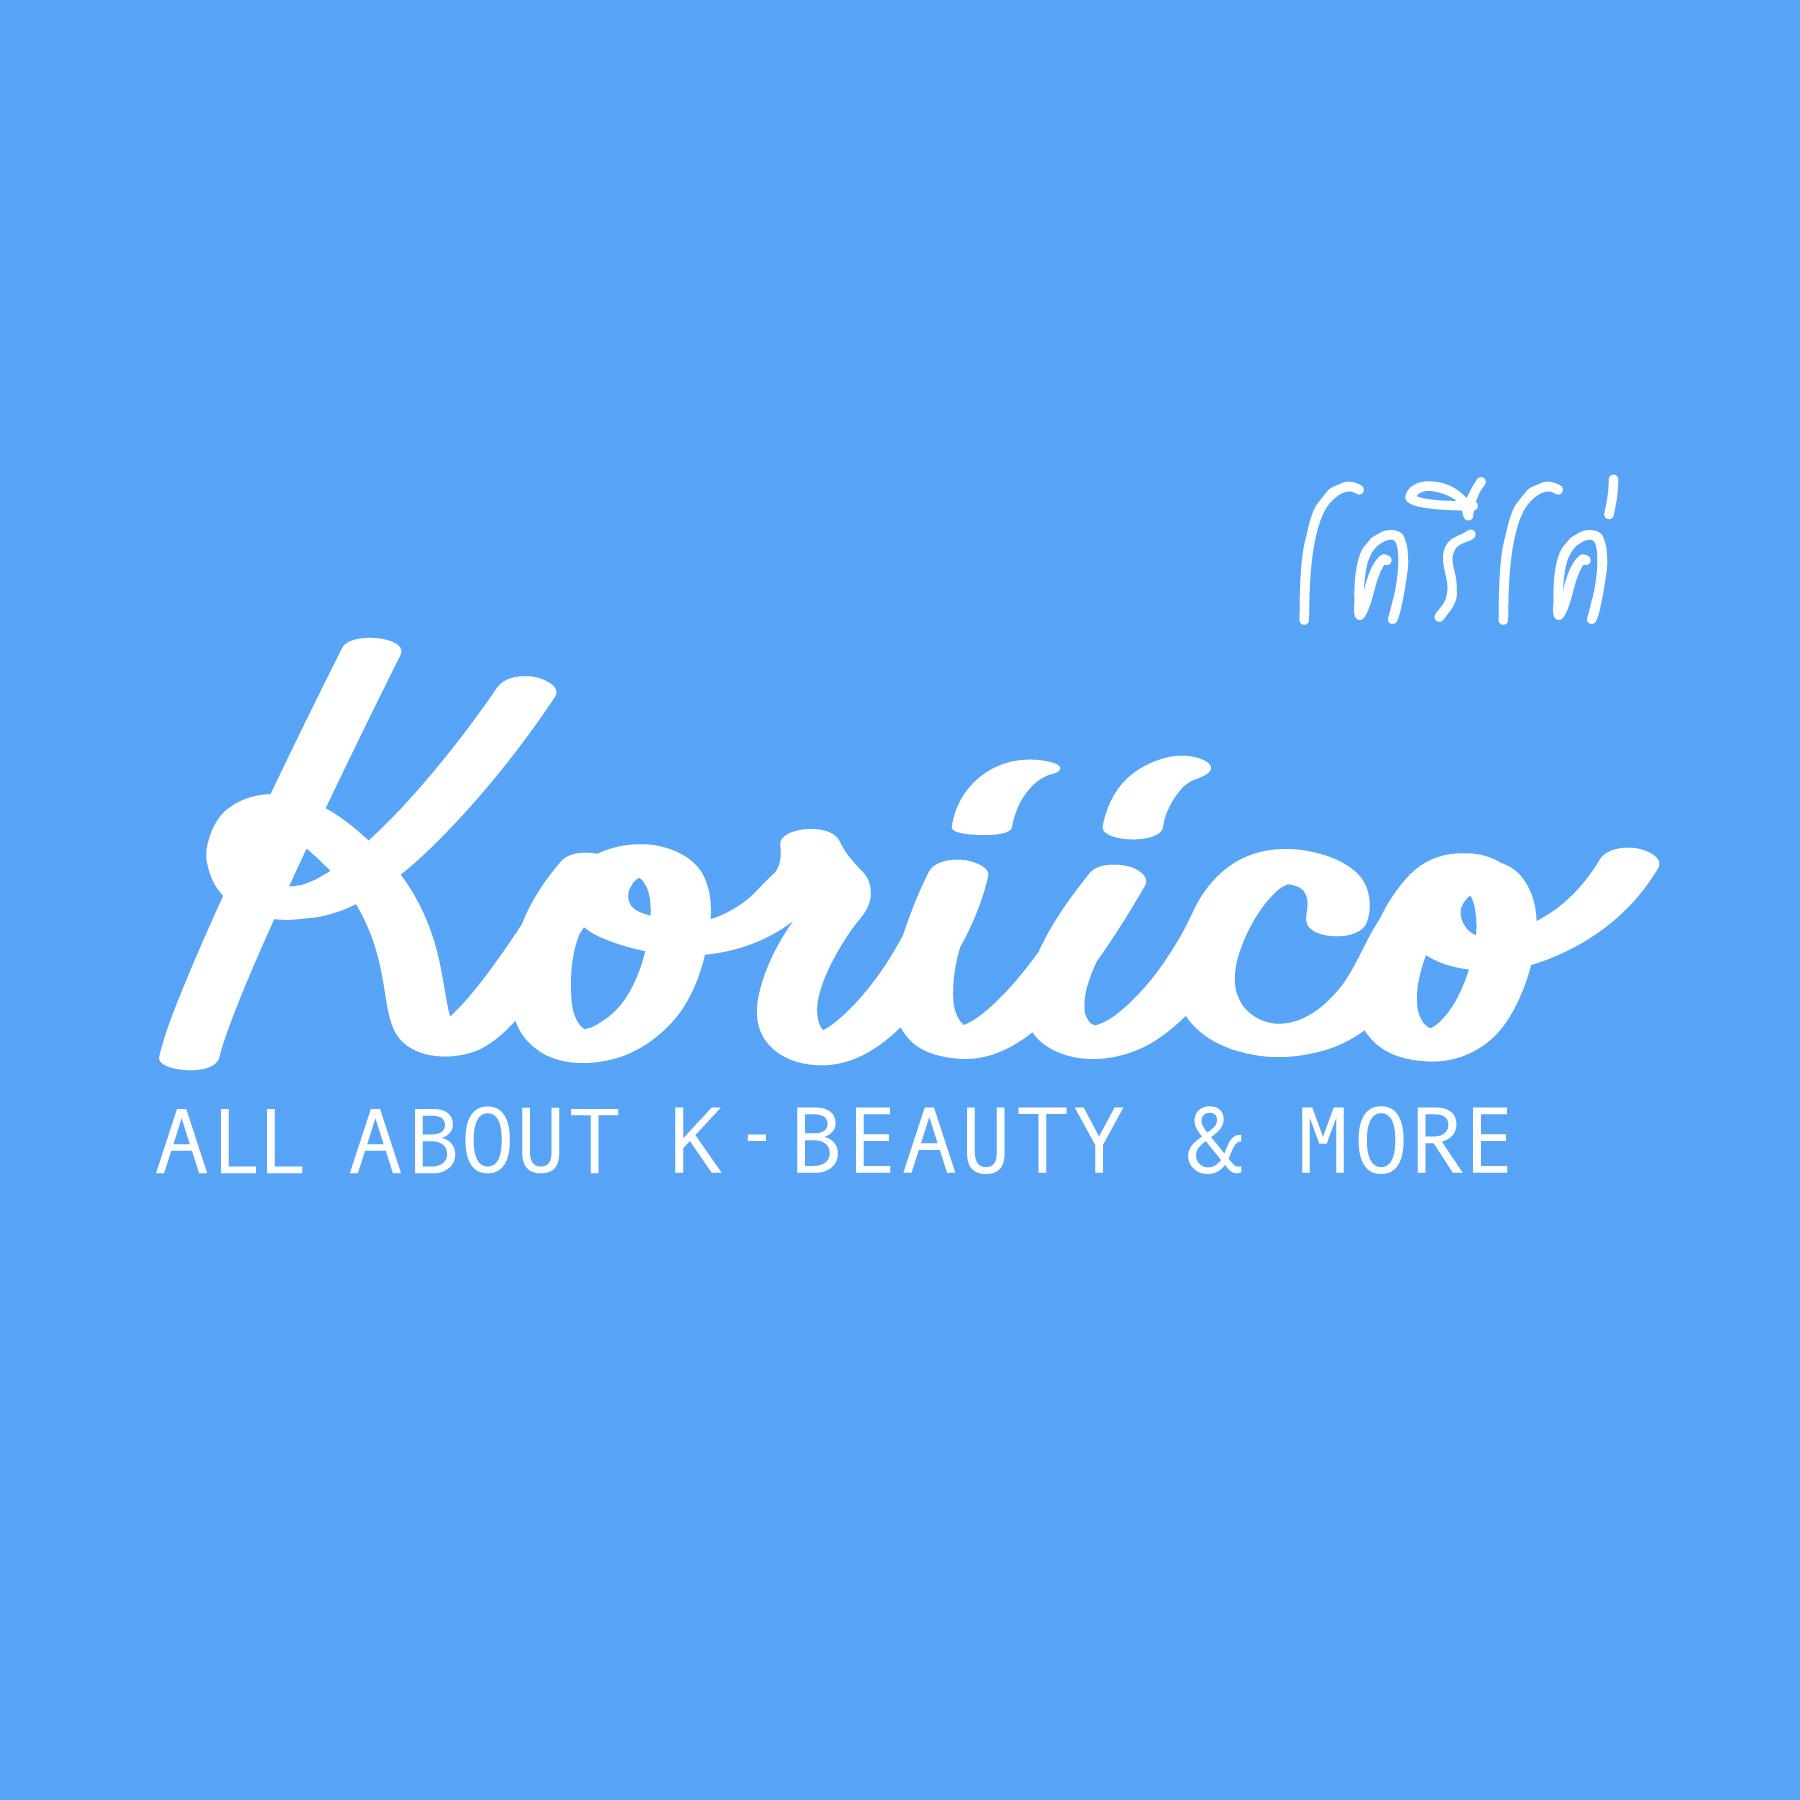 koriico_logo